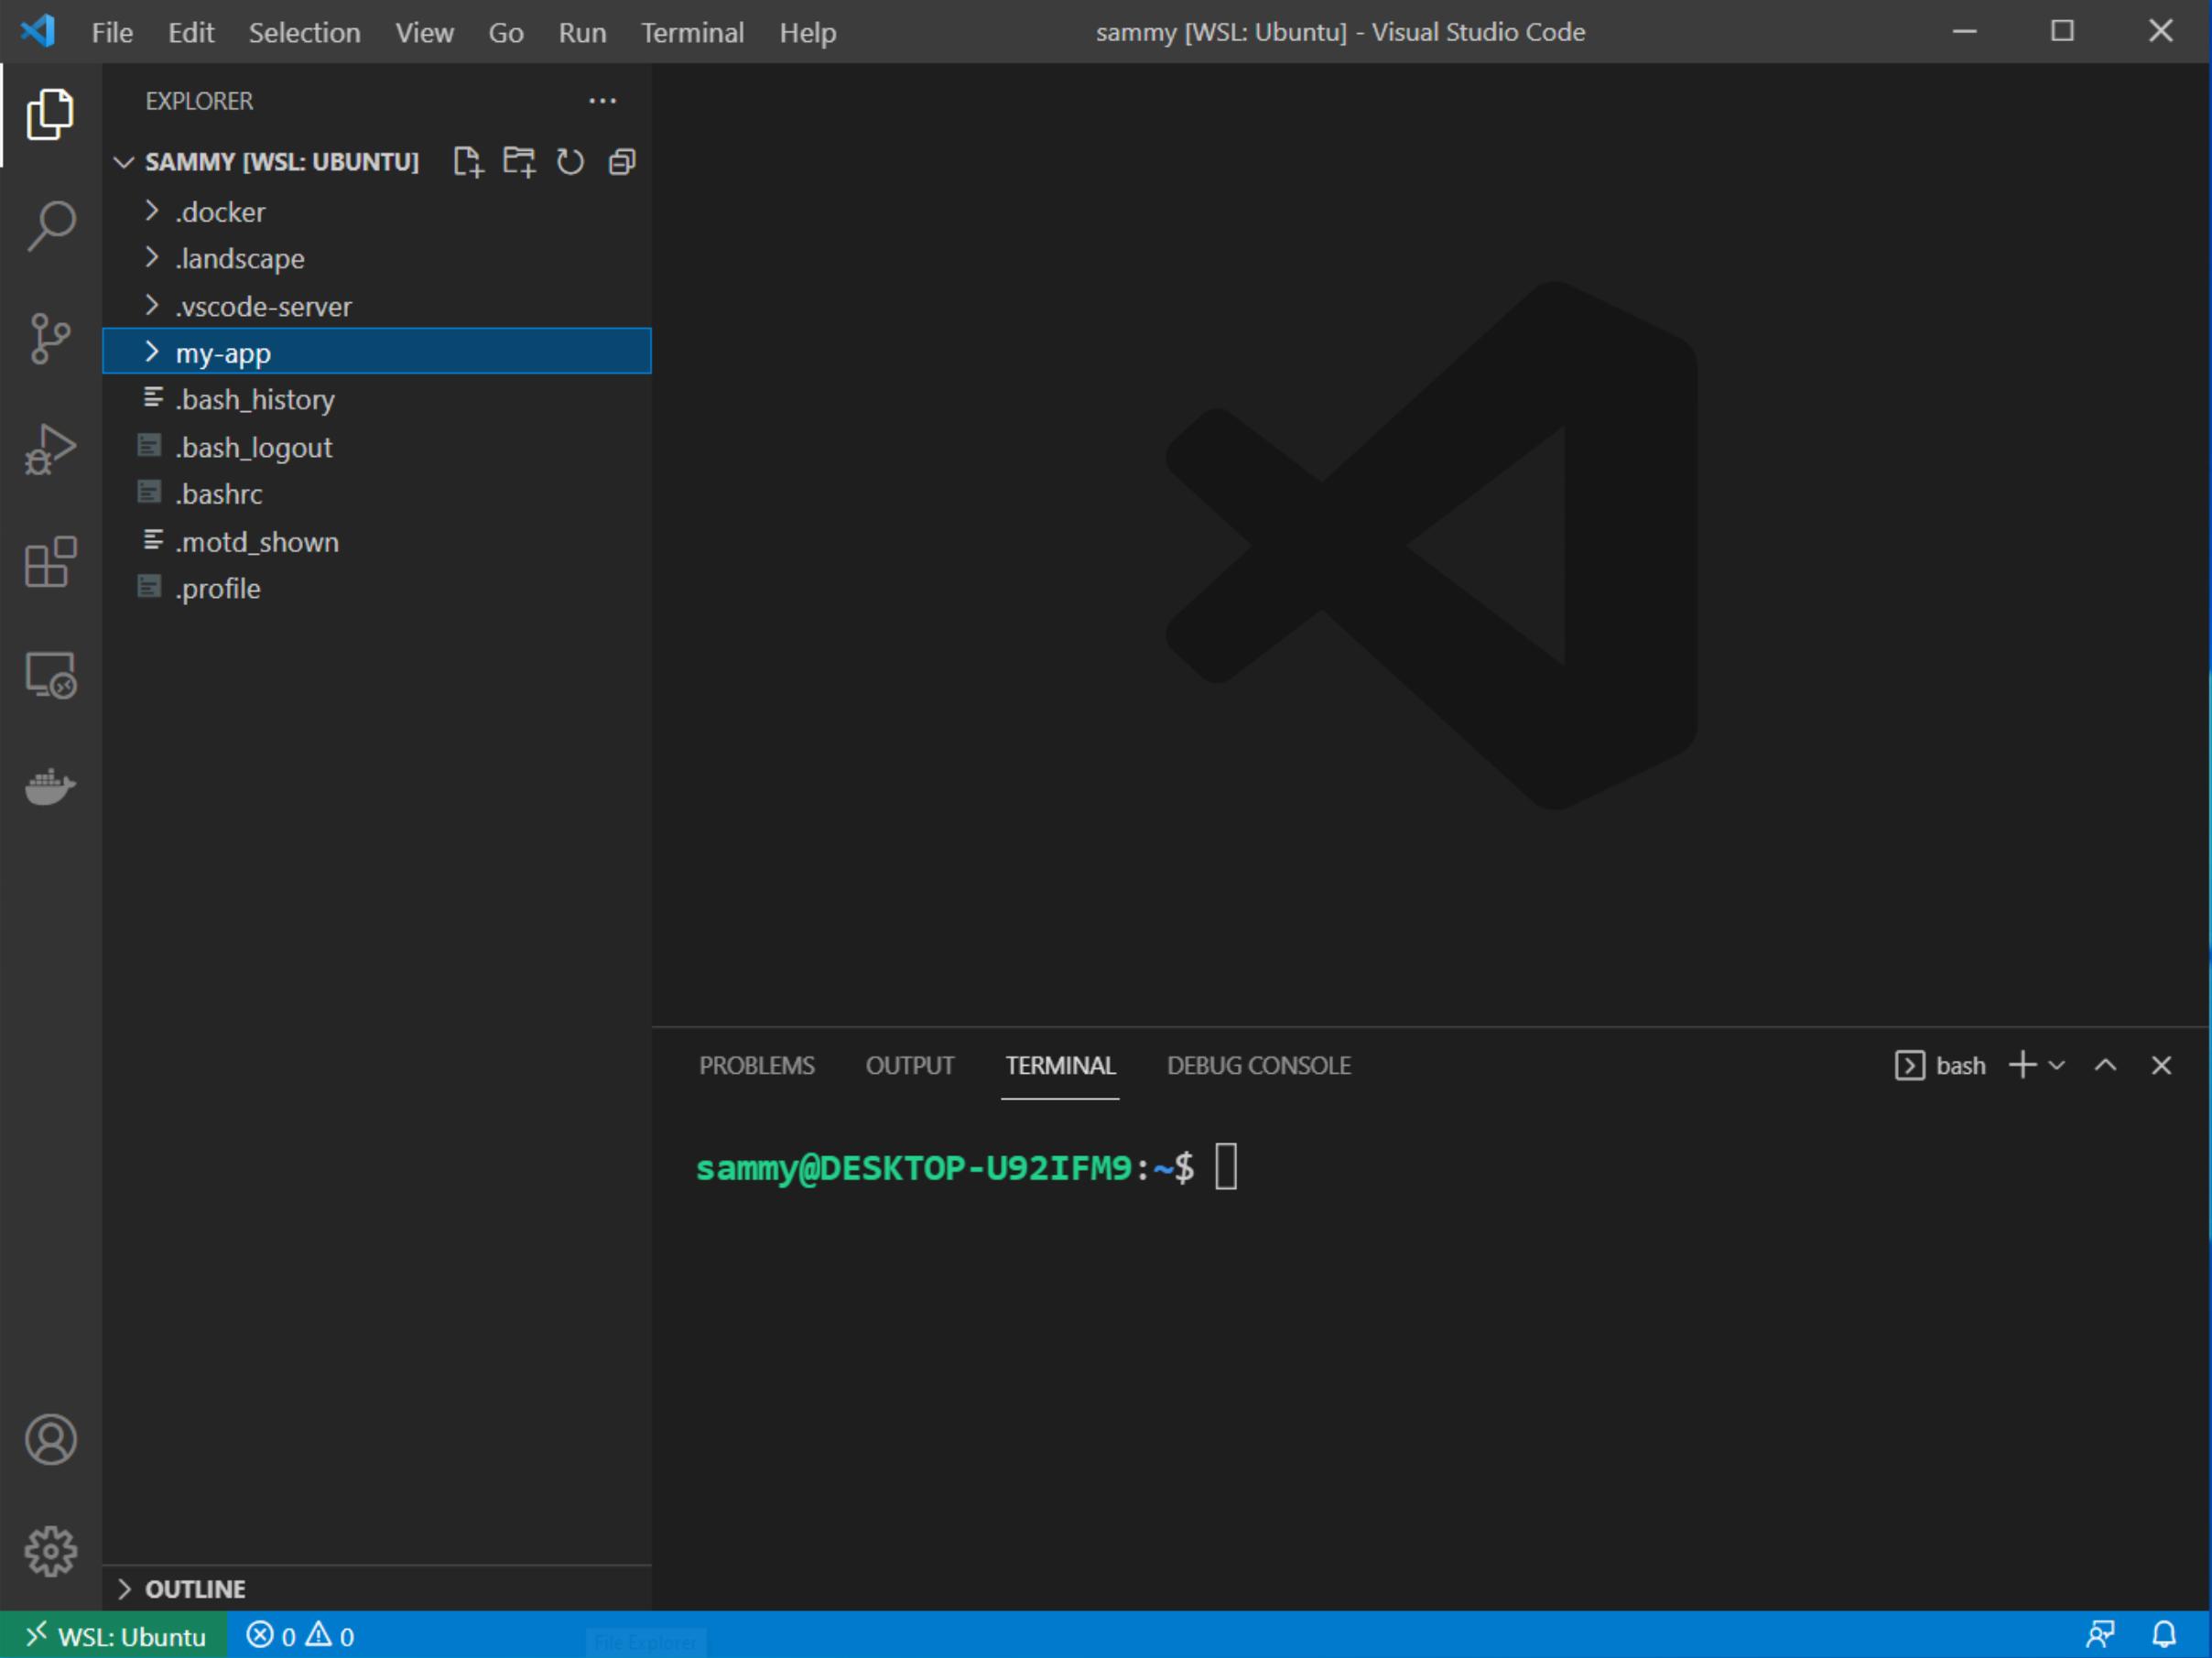 New terminal in Visual Studio Code